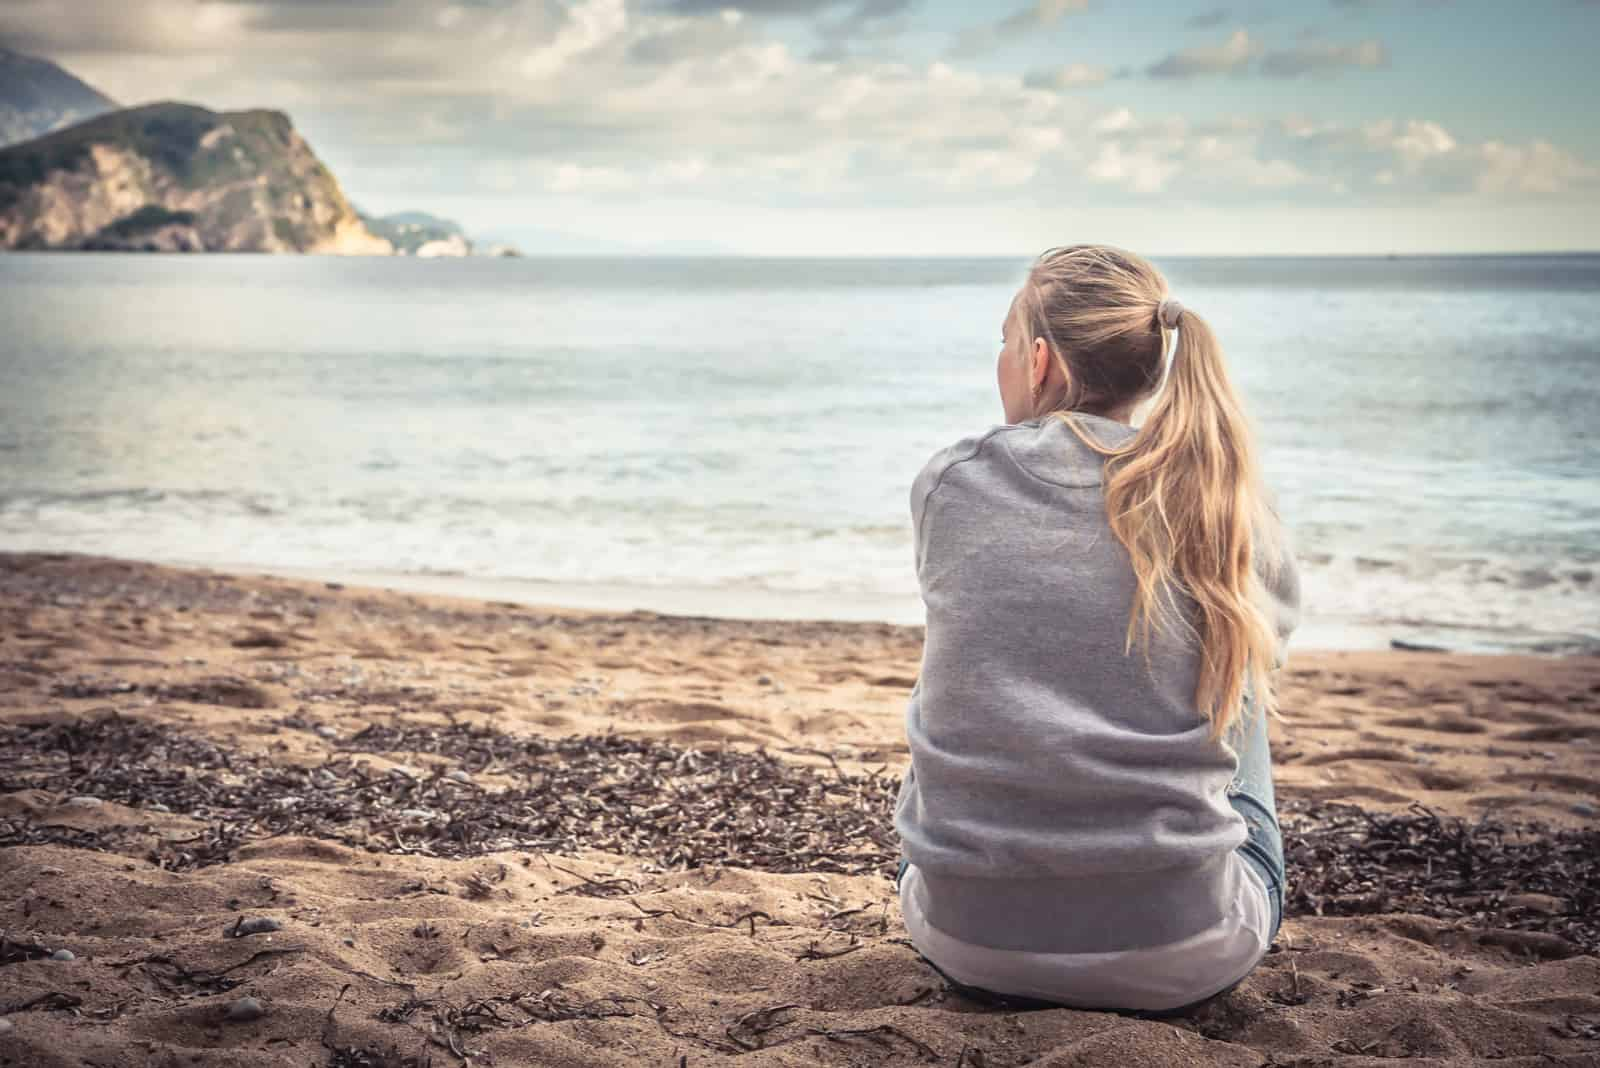 Pensive jeune femme solitaire assis sur la plage